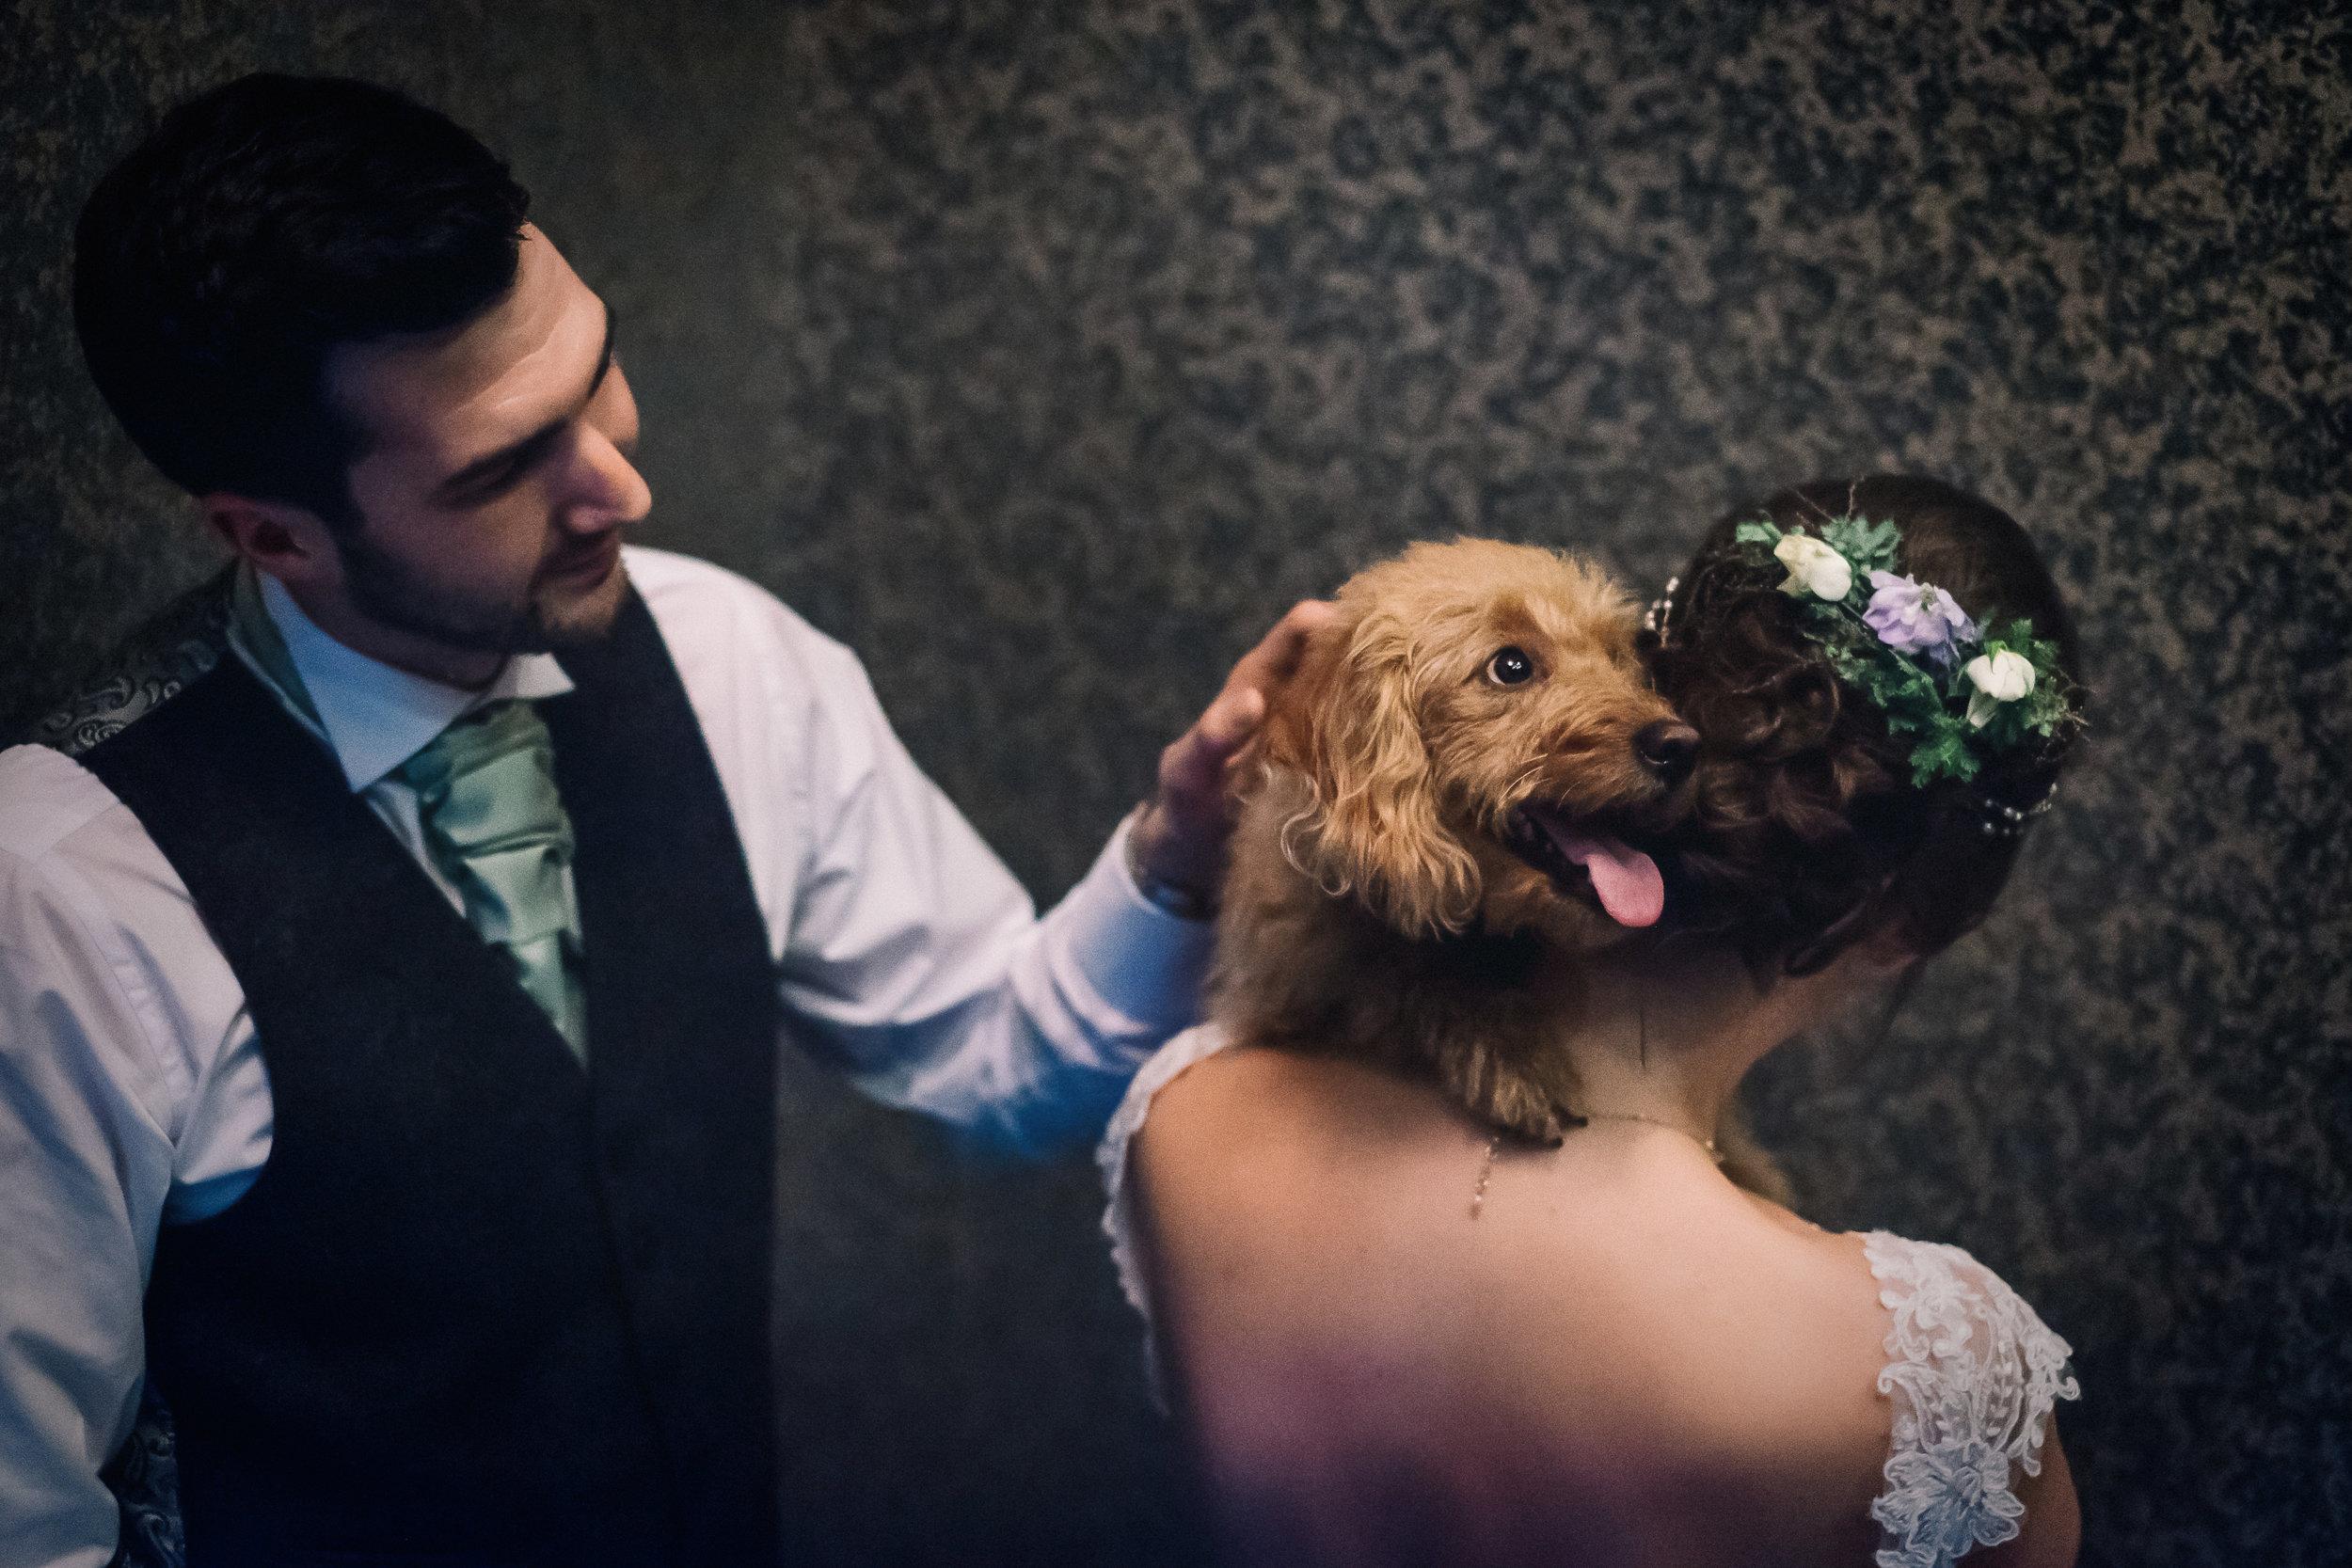 Bride and groom hug their dog